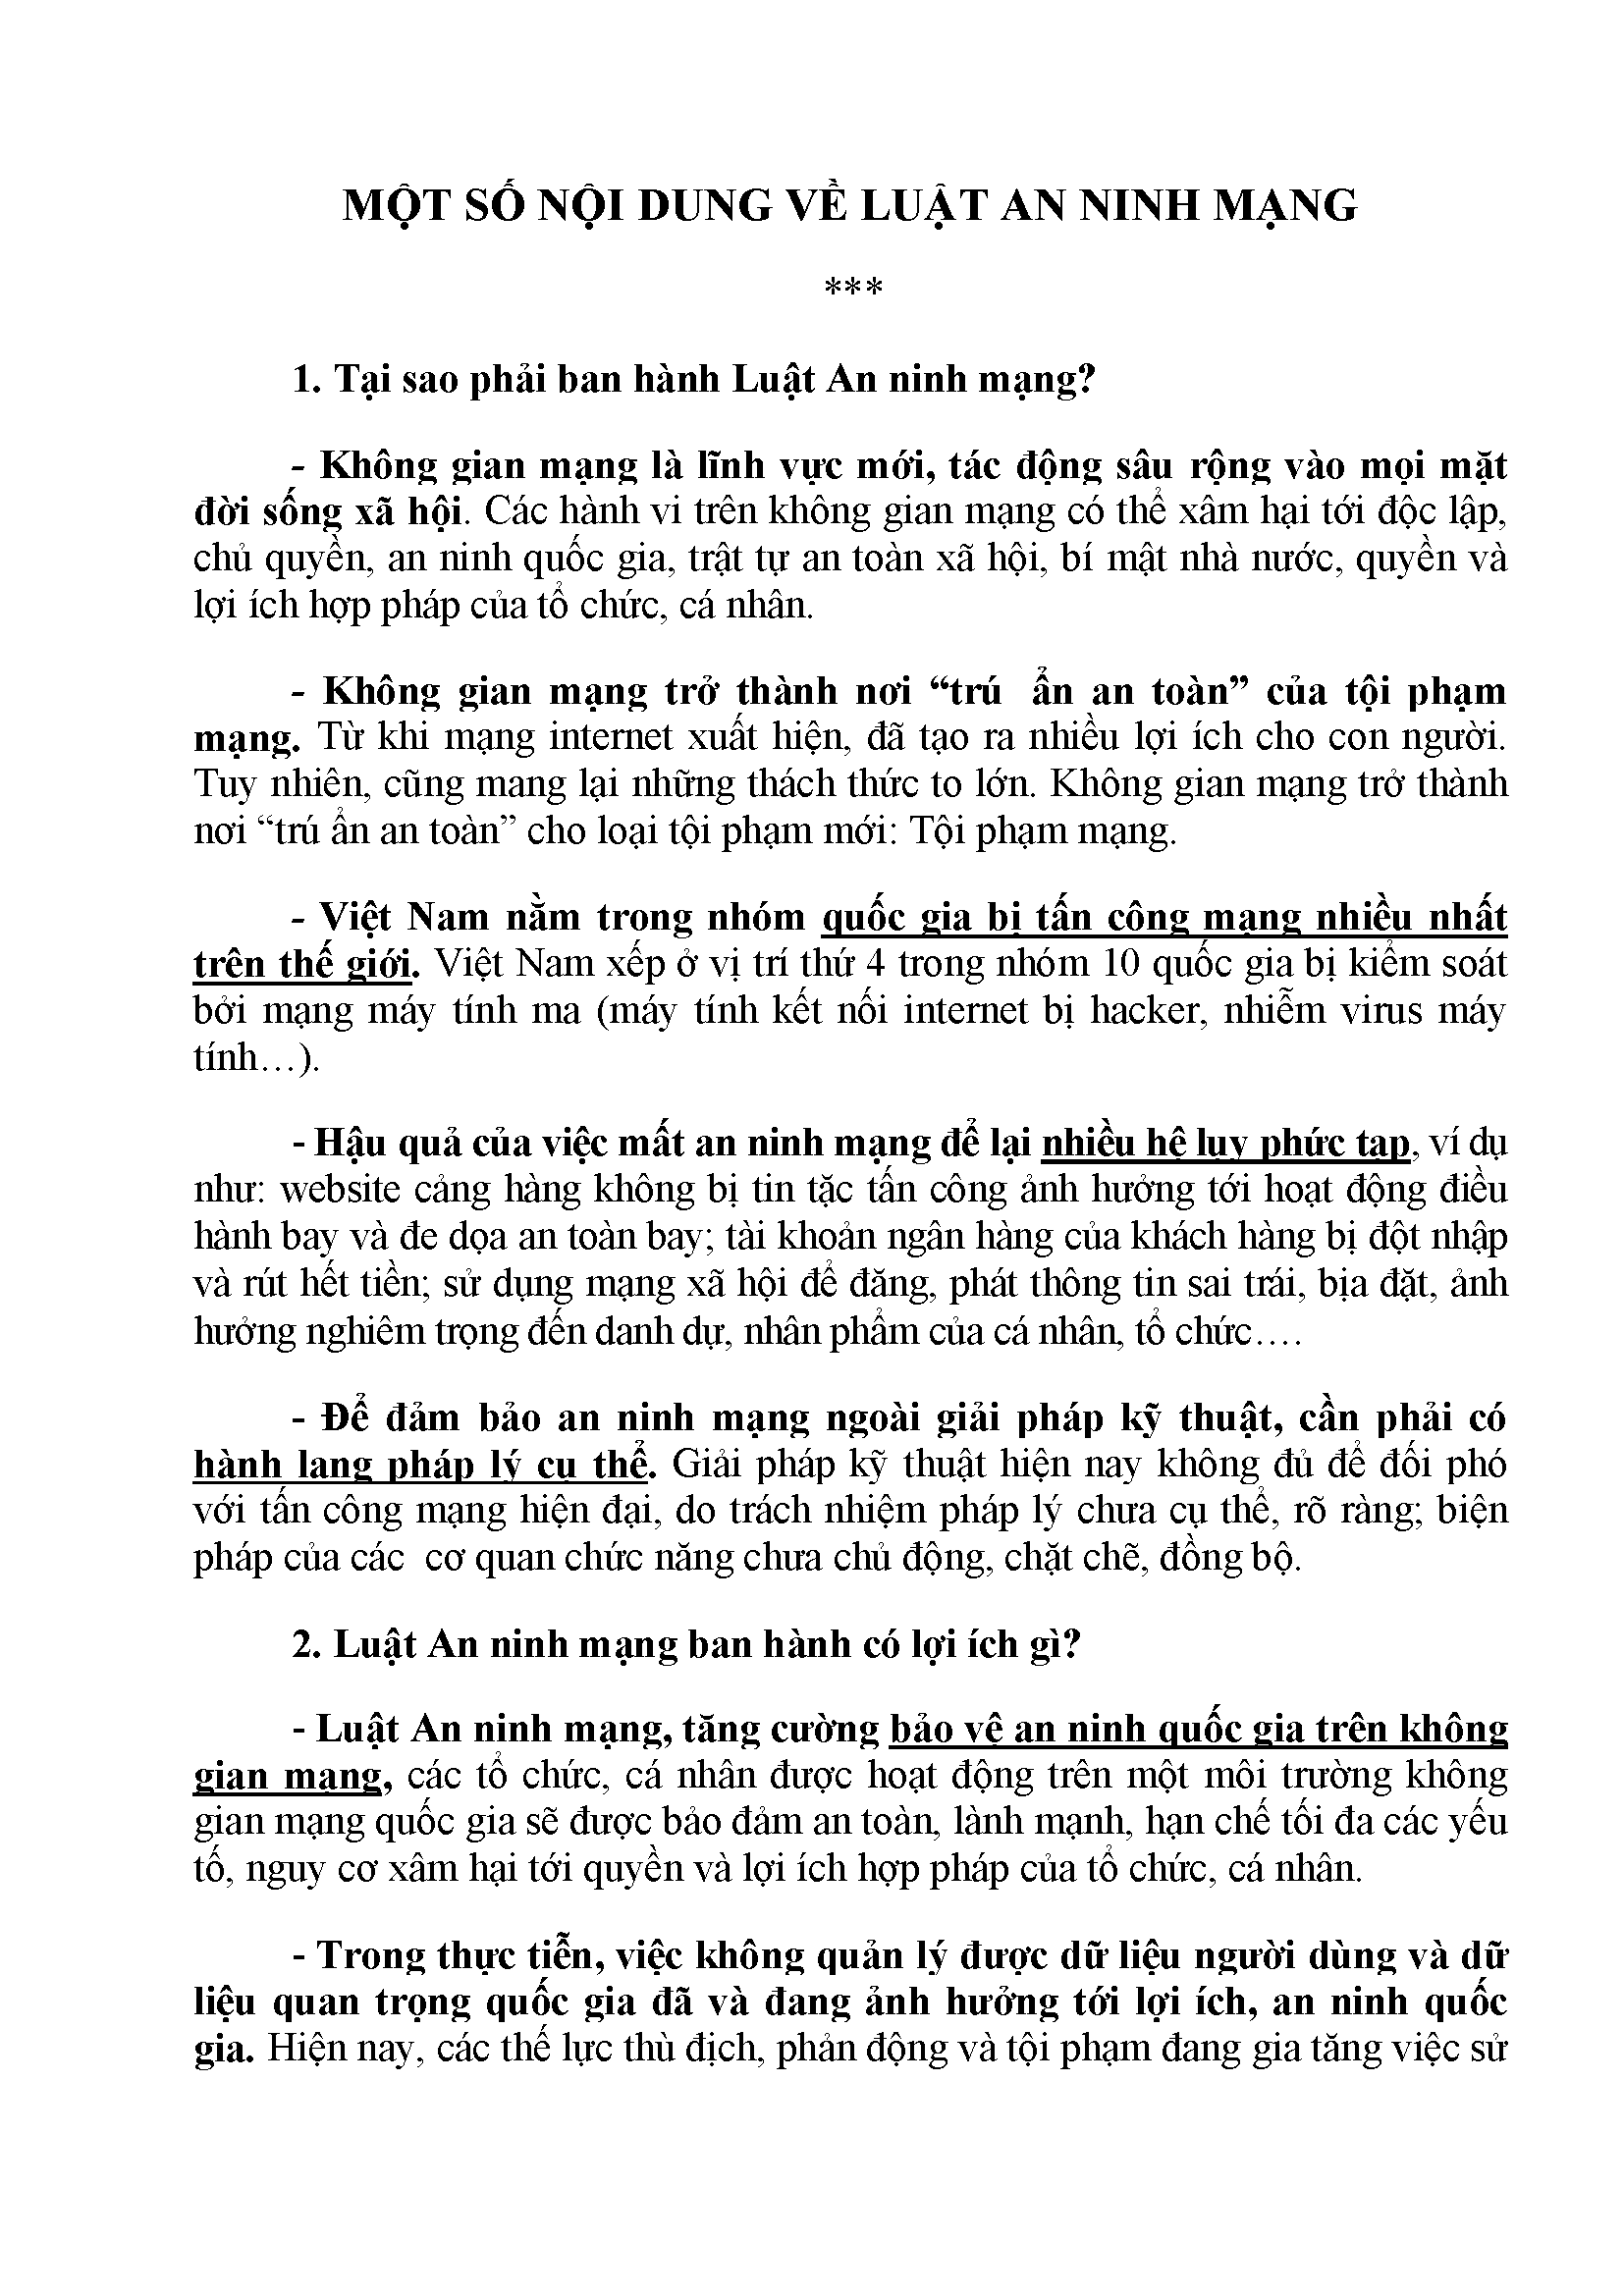 TAILIEUTUYENTRUYENSHCHIBO_Page_1